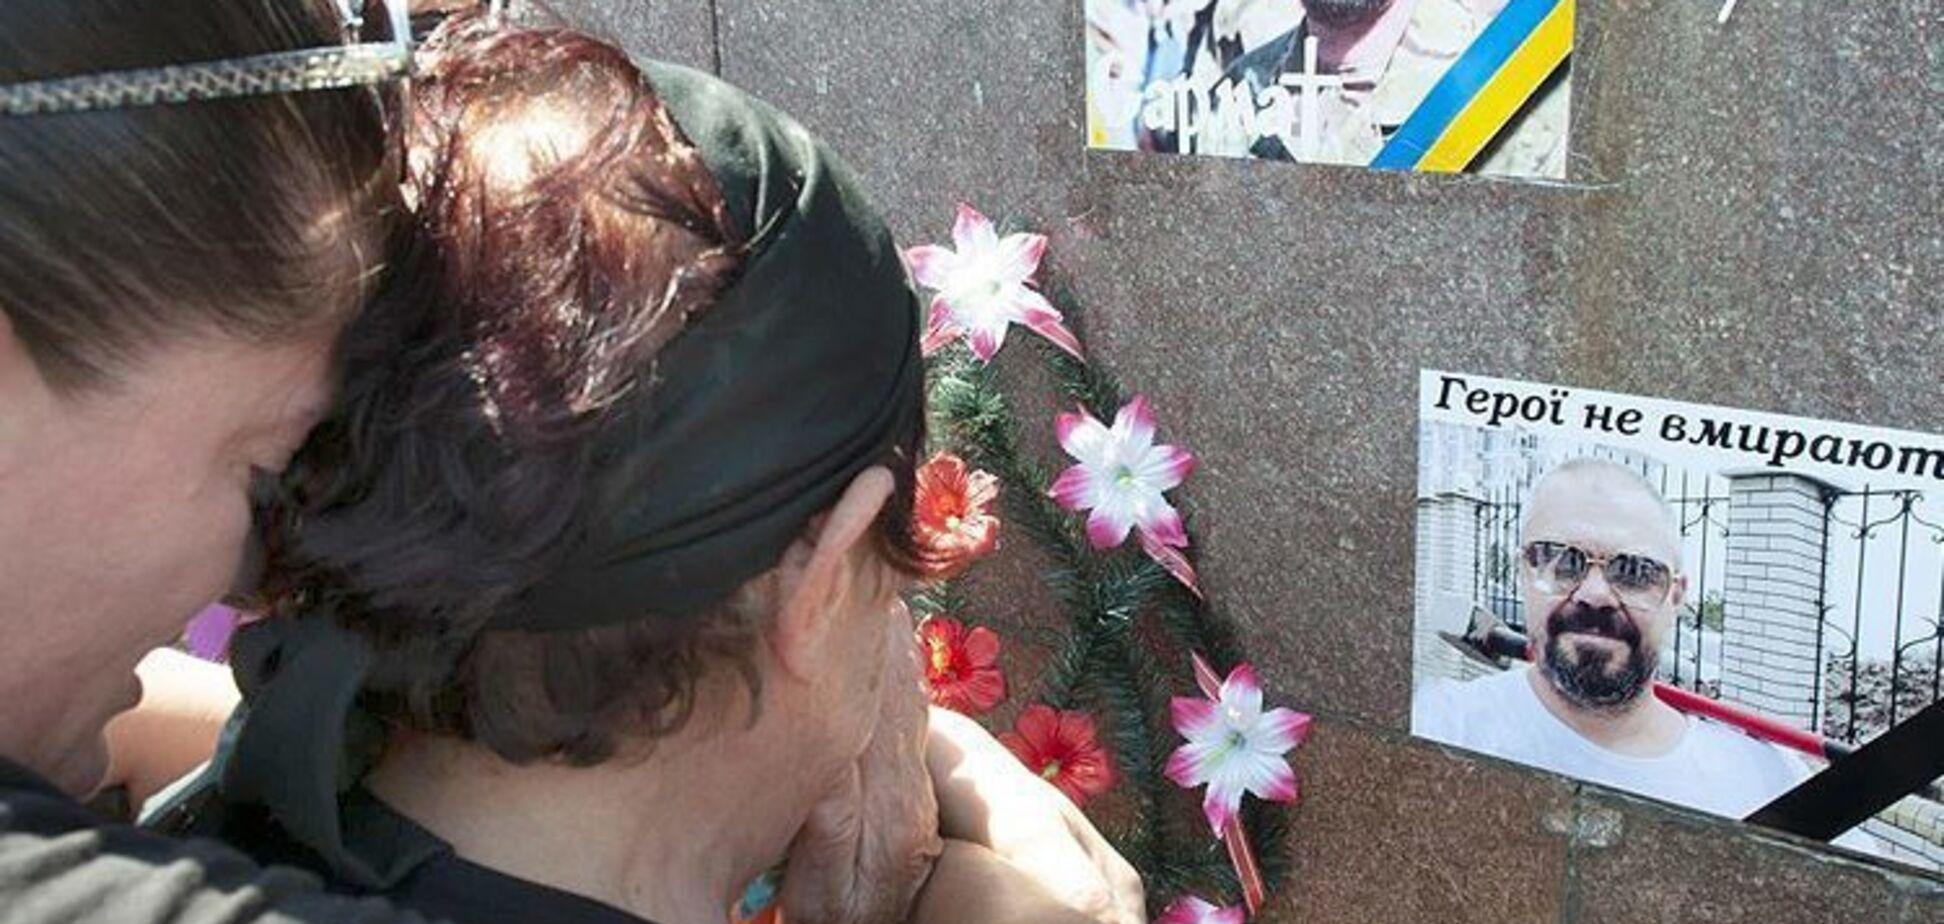 'Я дивився в очі вбивці': очевидець розстрілу 'Сармата' про підозрілі моменти та ворогів АТОвця